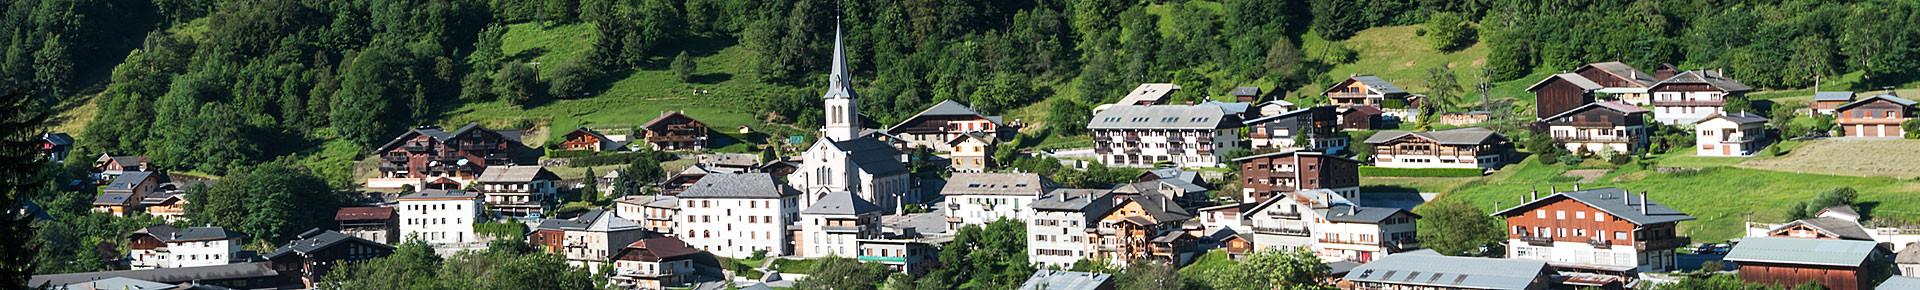 Le village de Saint Jean d'Aulps en été